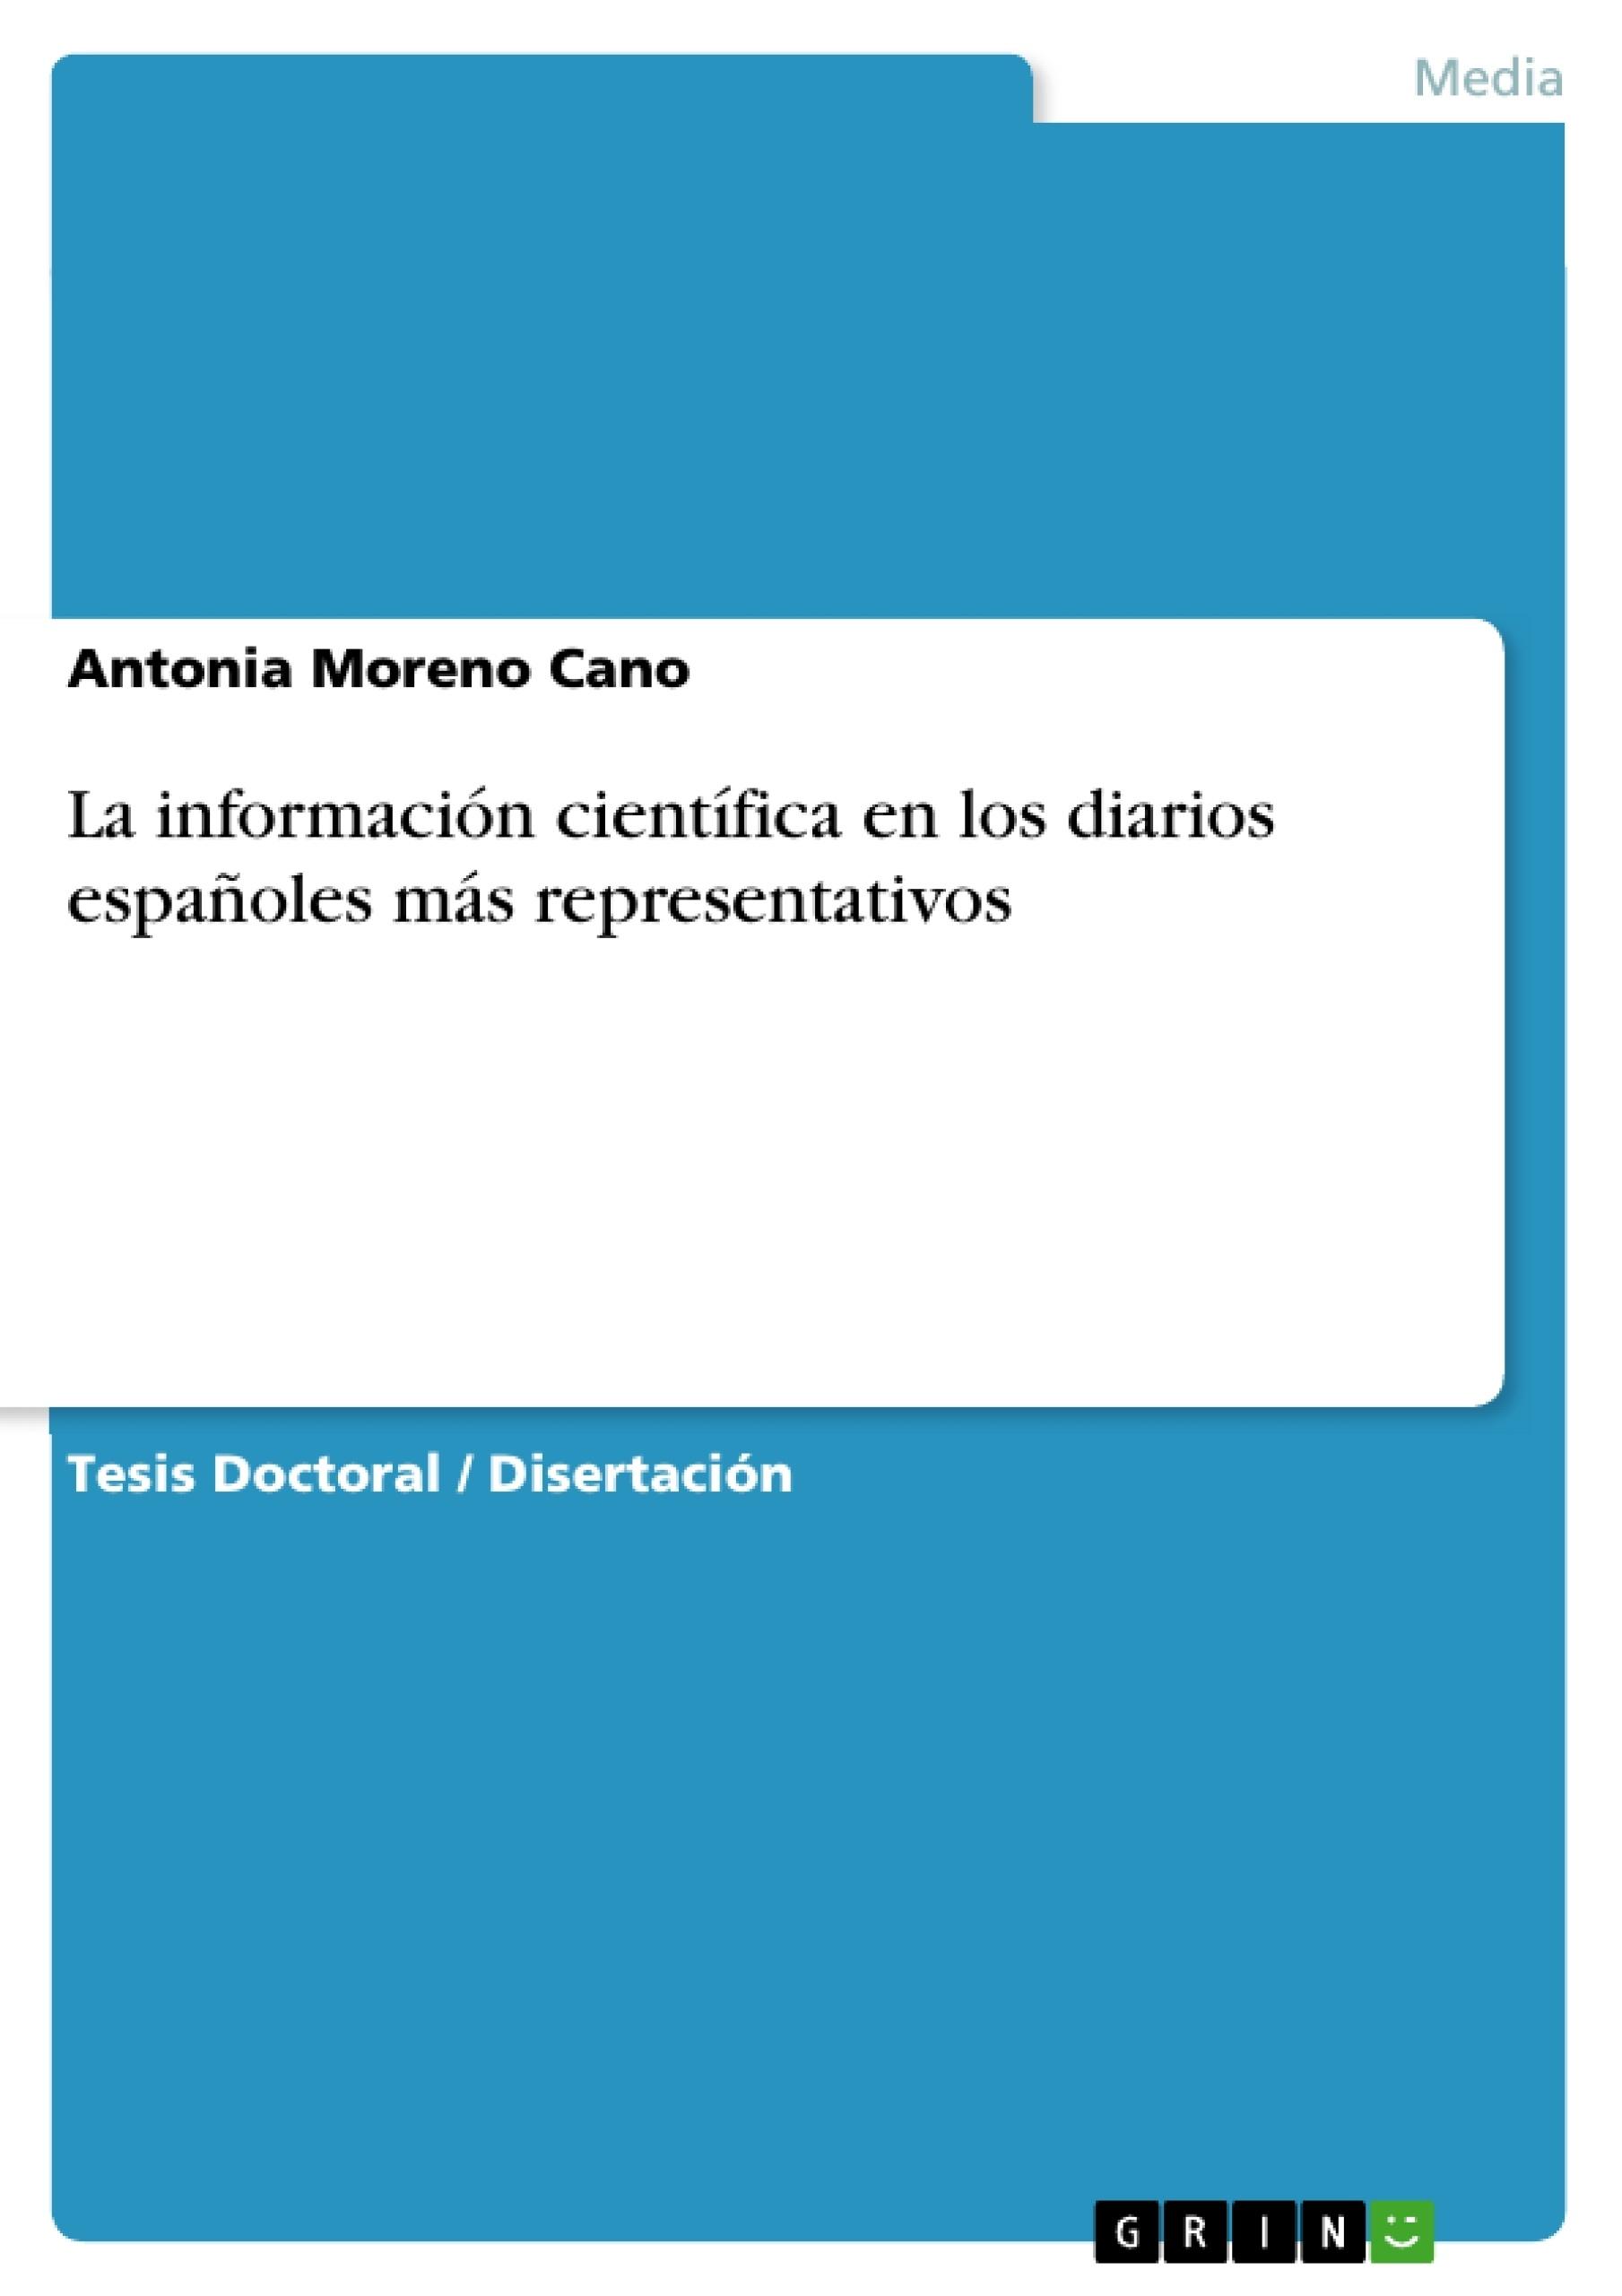 Título: La información científica en los diarios españoles más representativos